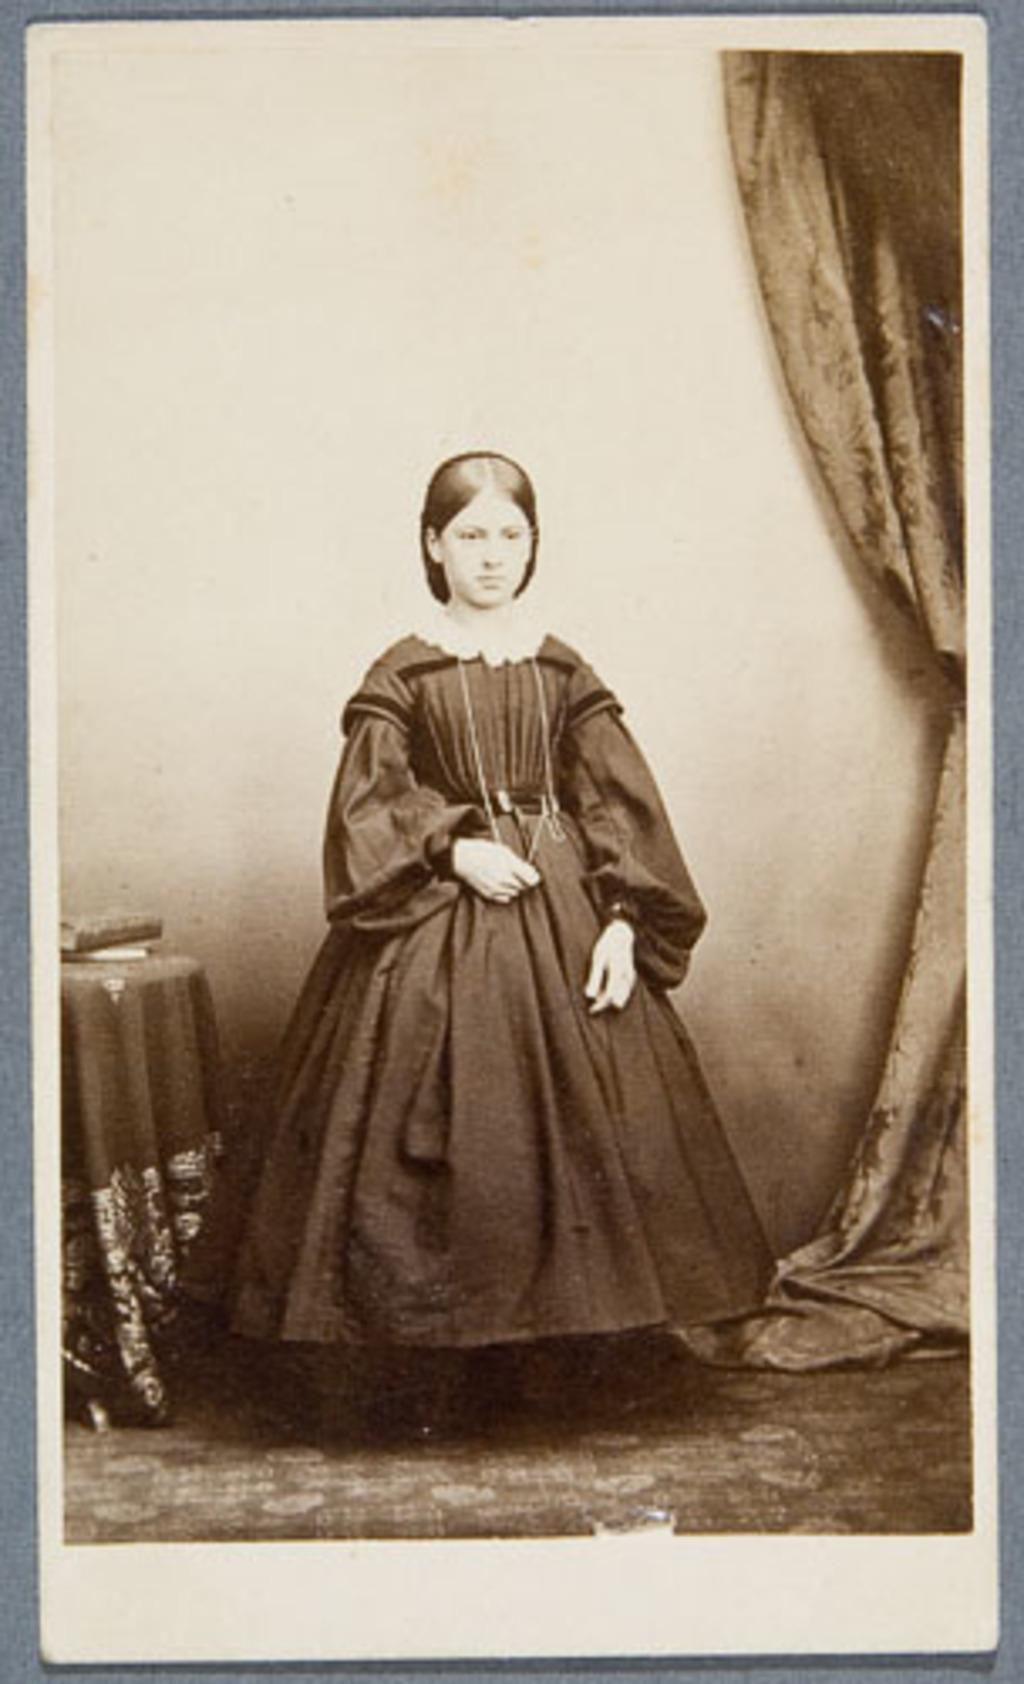 Portrait de jeune fille, de l'album Eugène-Hamel